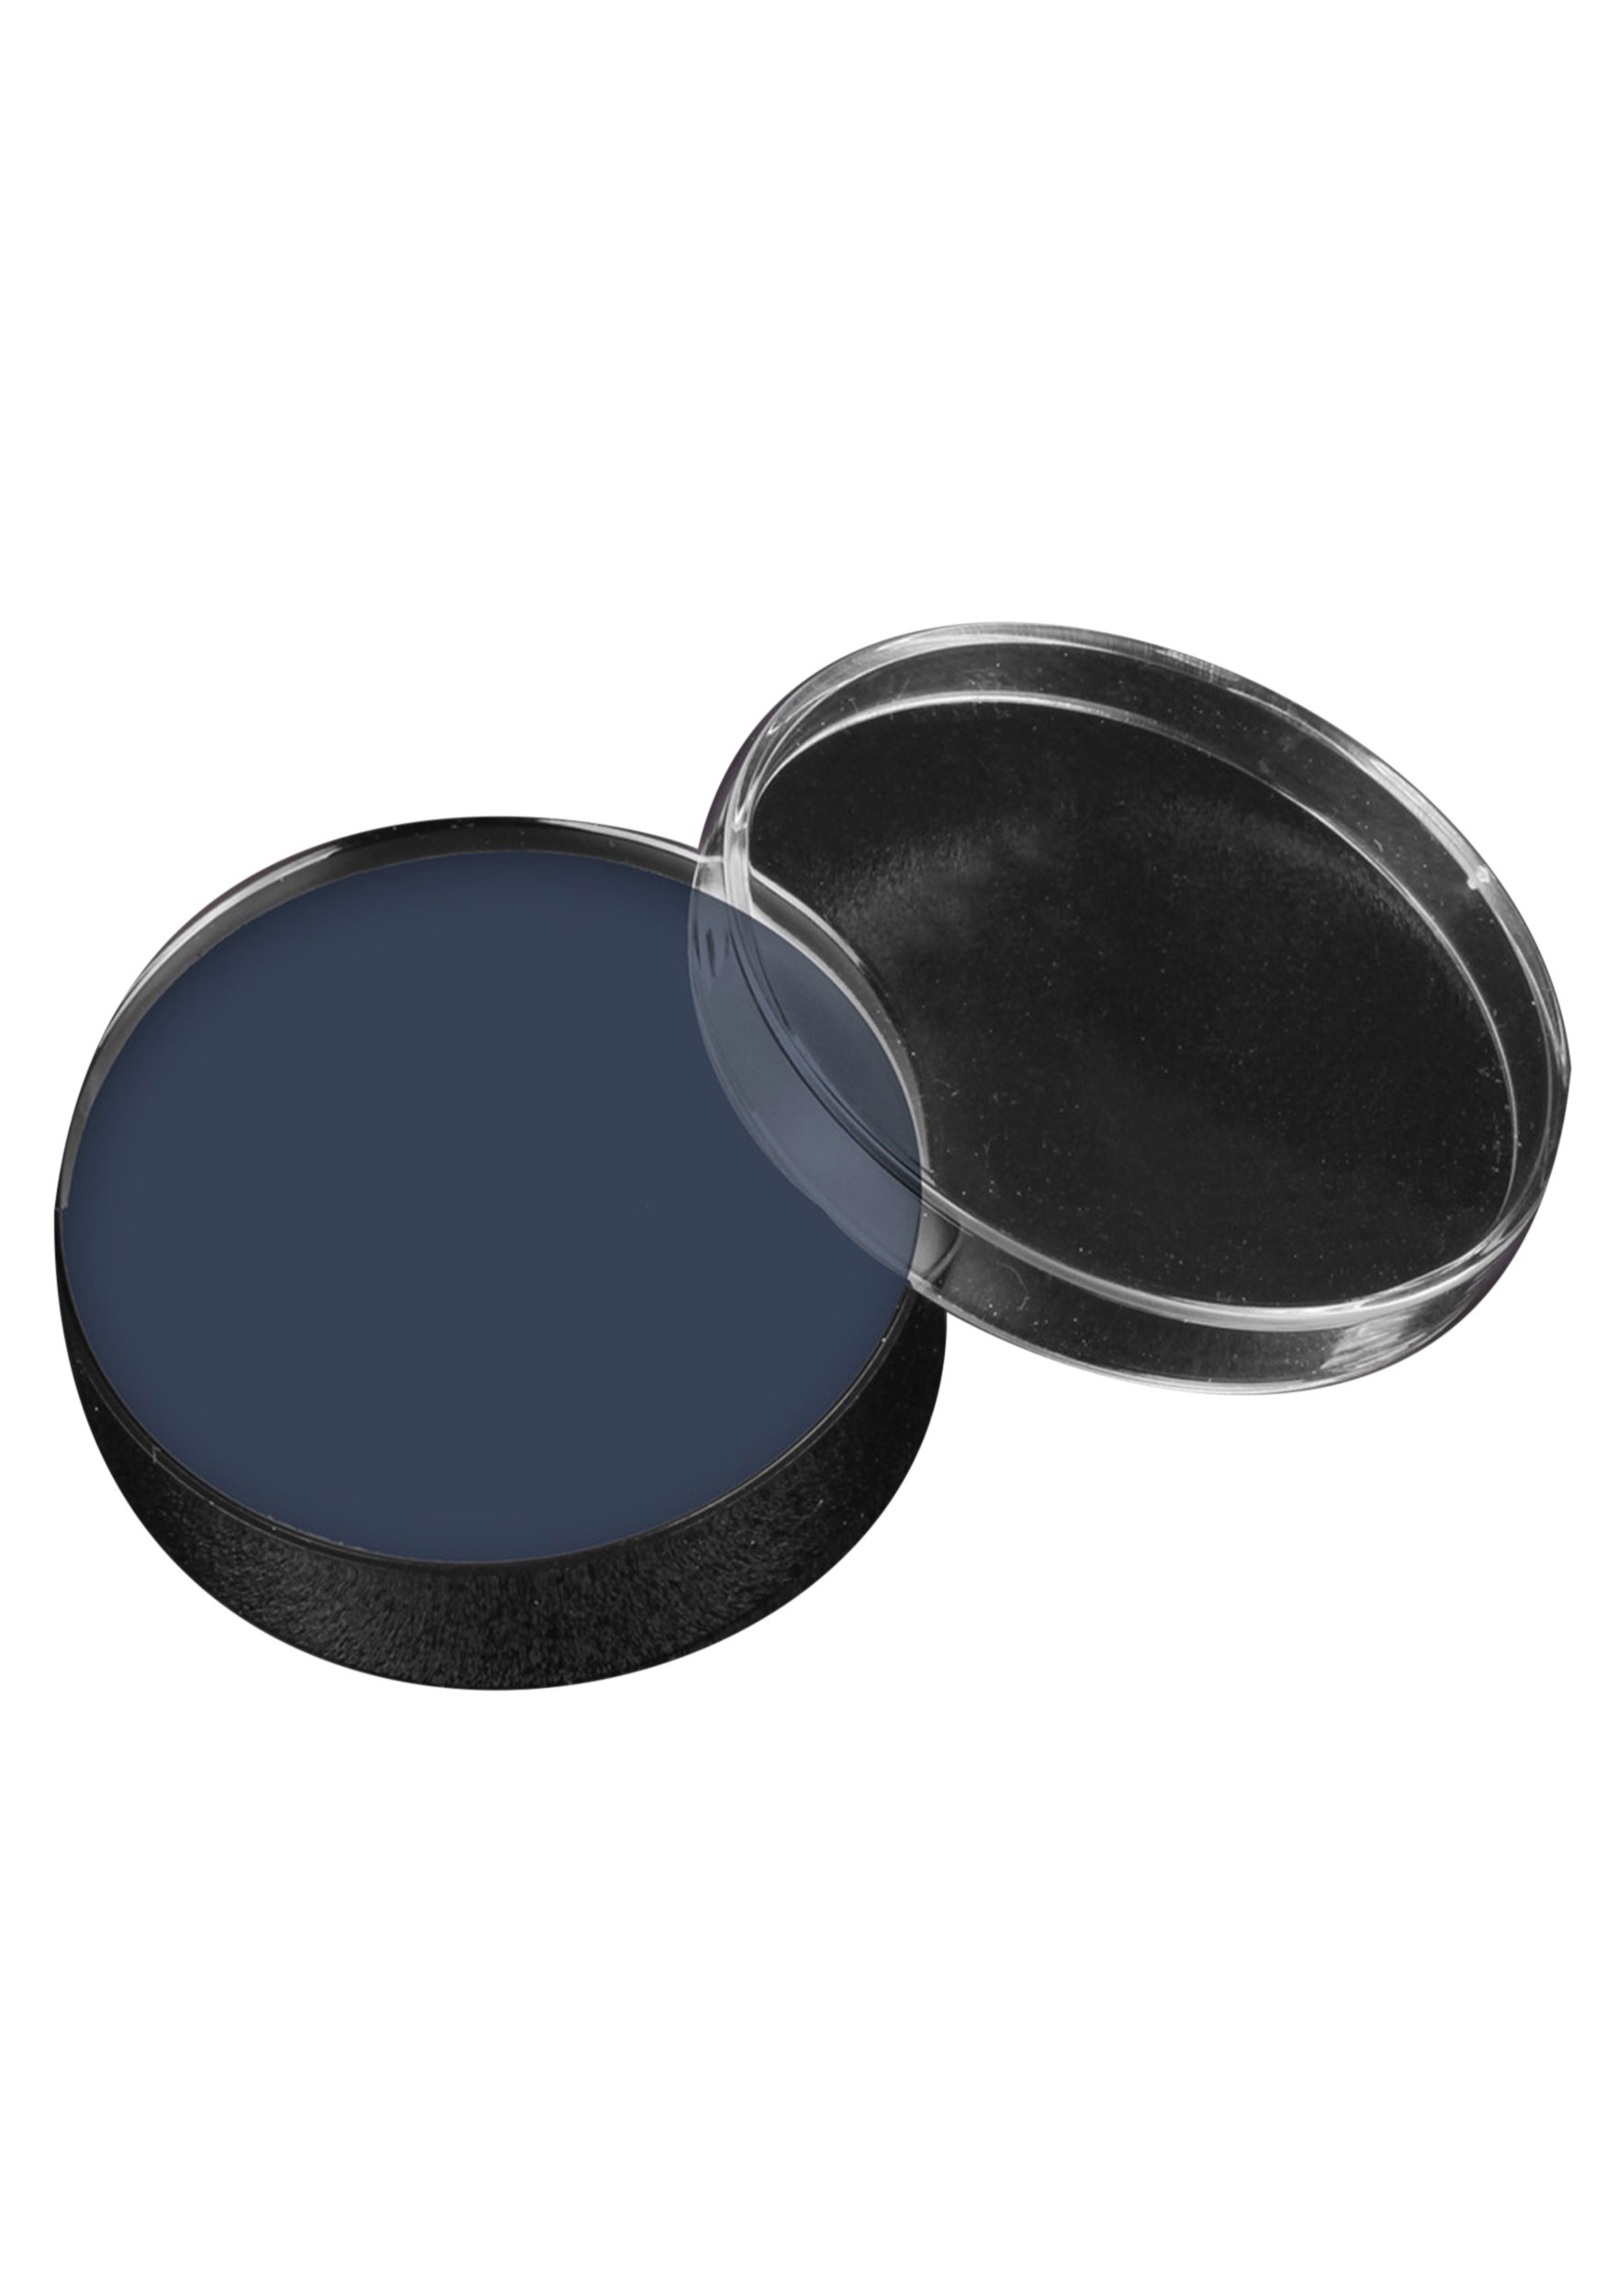 Monster Grey Premium Greasepaint Makeup 0.5 oz MECCC-MG